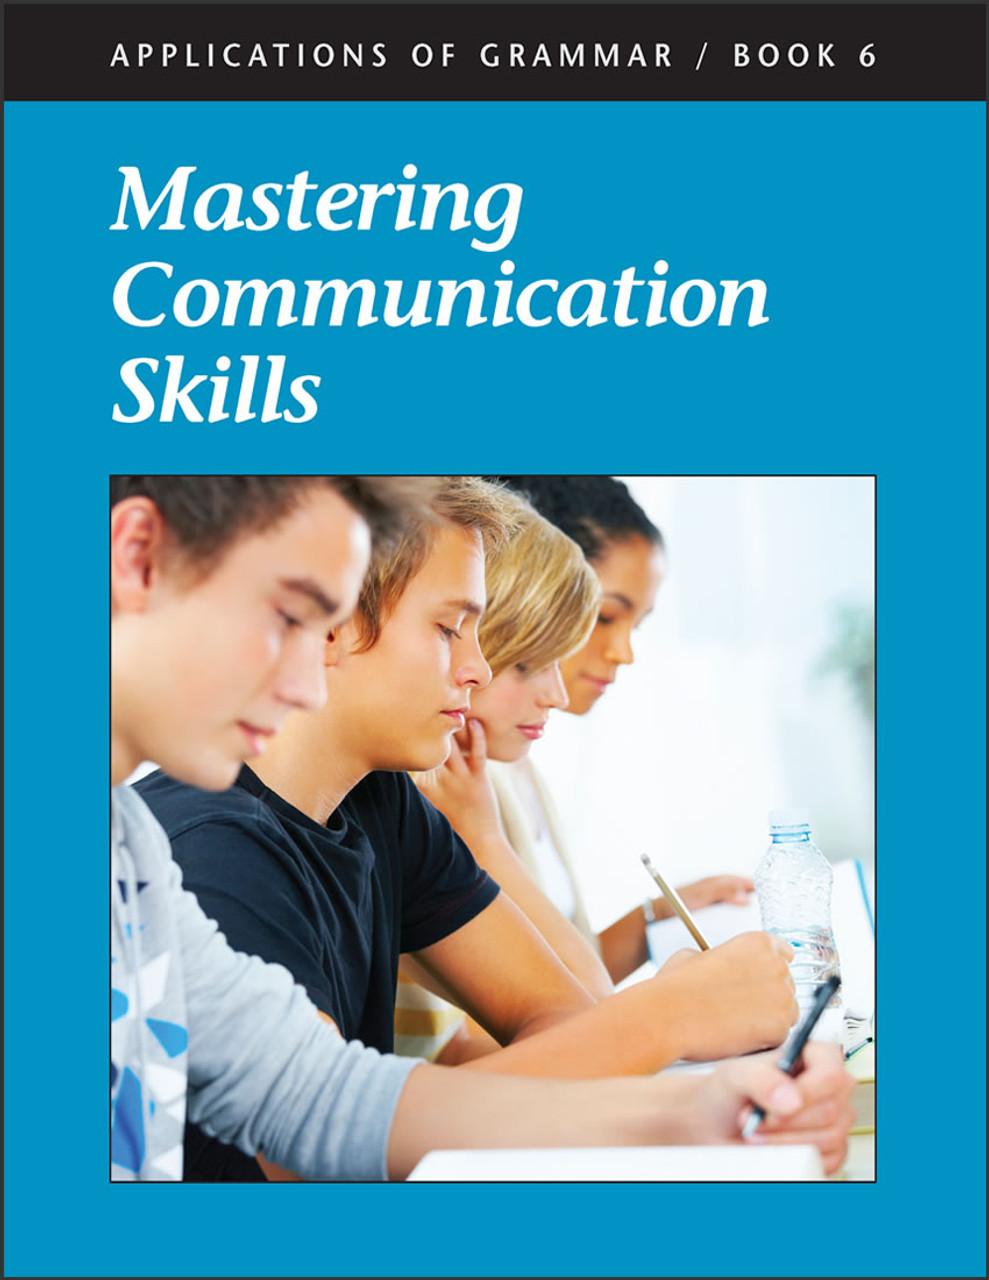 Applications of Grammar Book 6